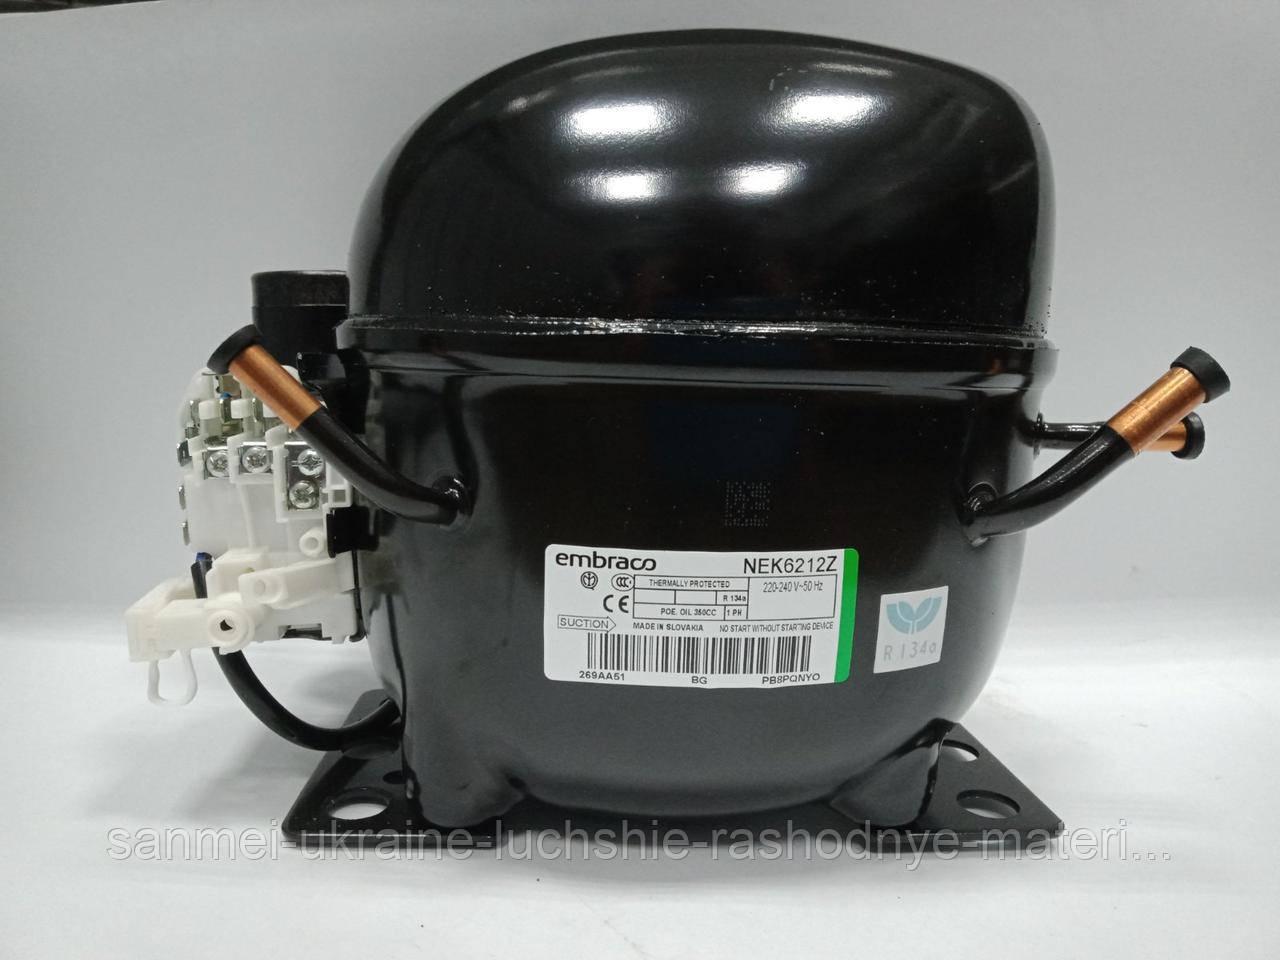 Компрессор EMBRACO NEK 6212 Z  R134a для бытовых холодильников